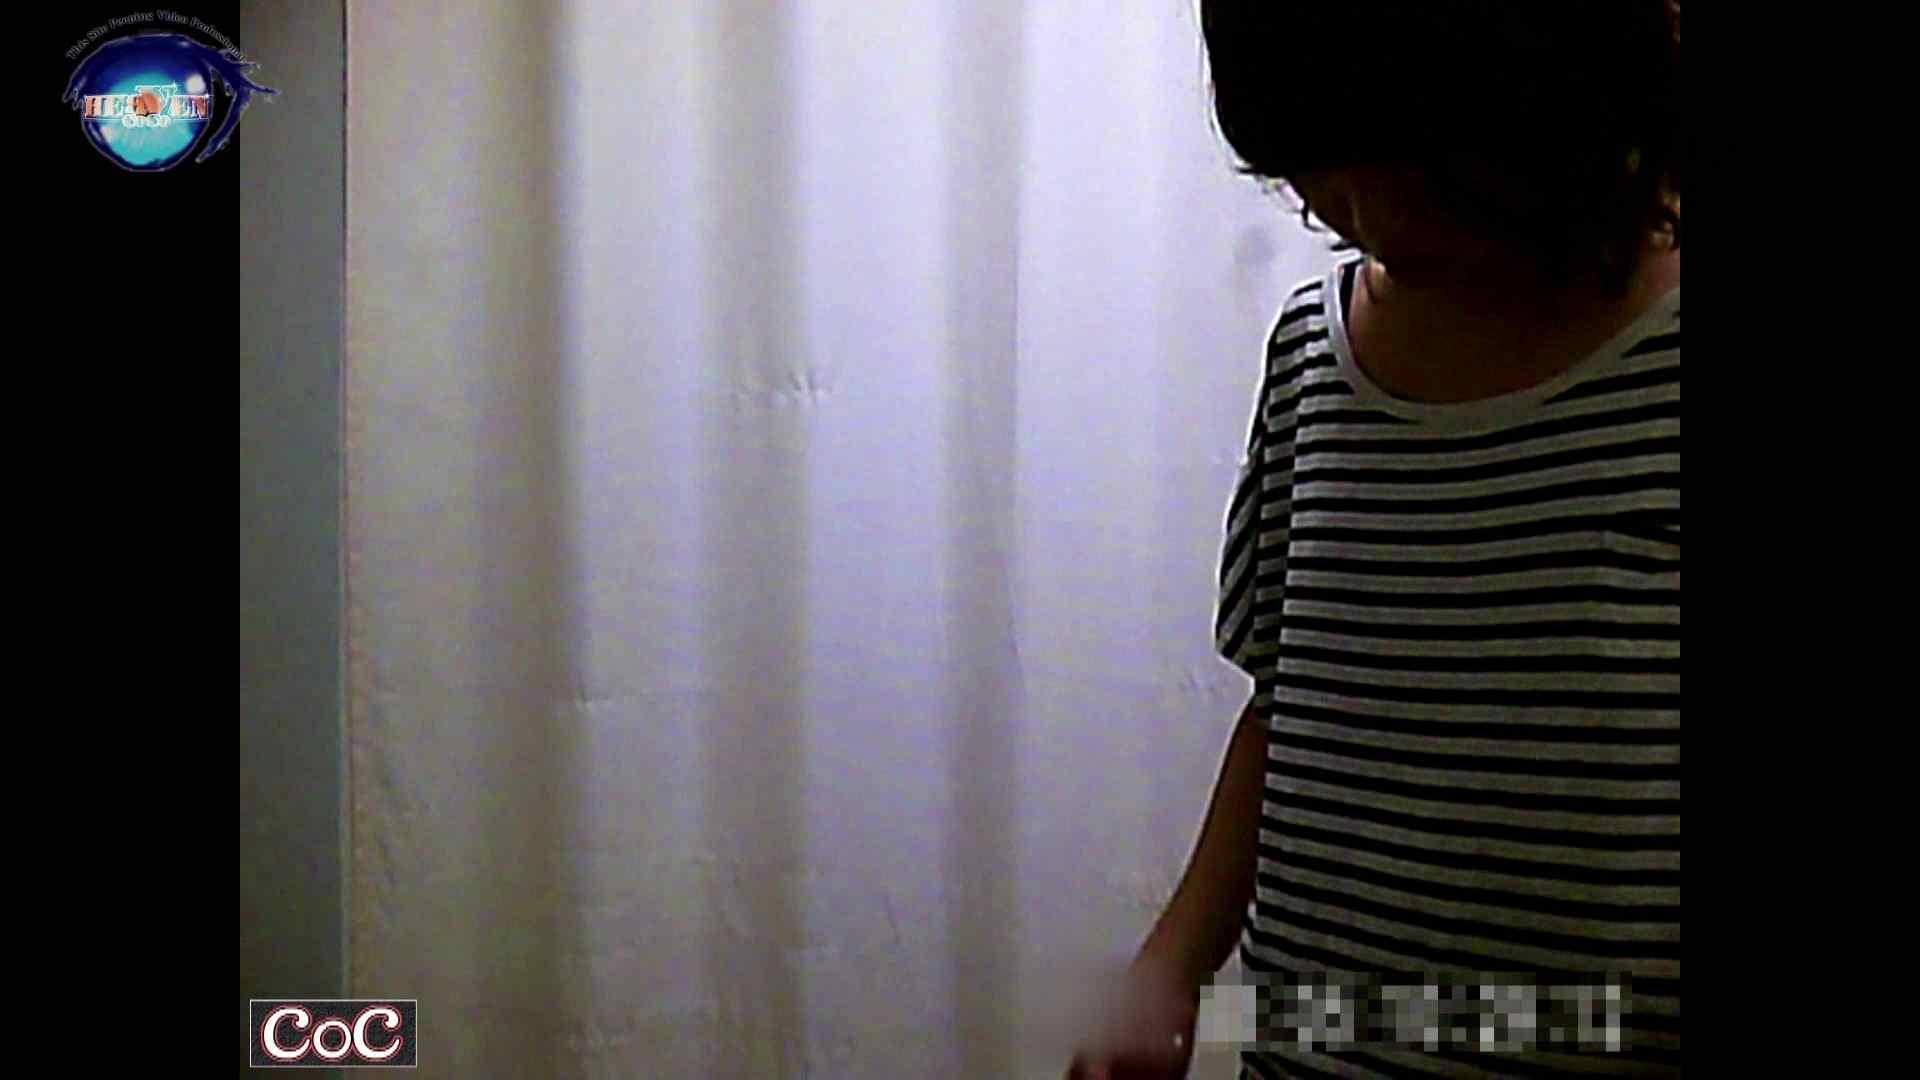 激ヤバ健康診断!着替えの一部始終.vol.11 ※本編ボカシ・目線無し 盗撮 セックス画像 90PICs 39